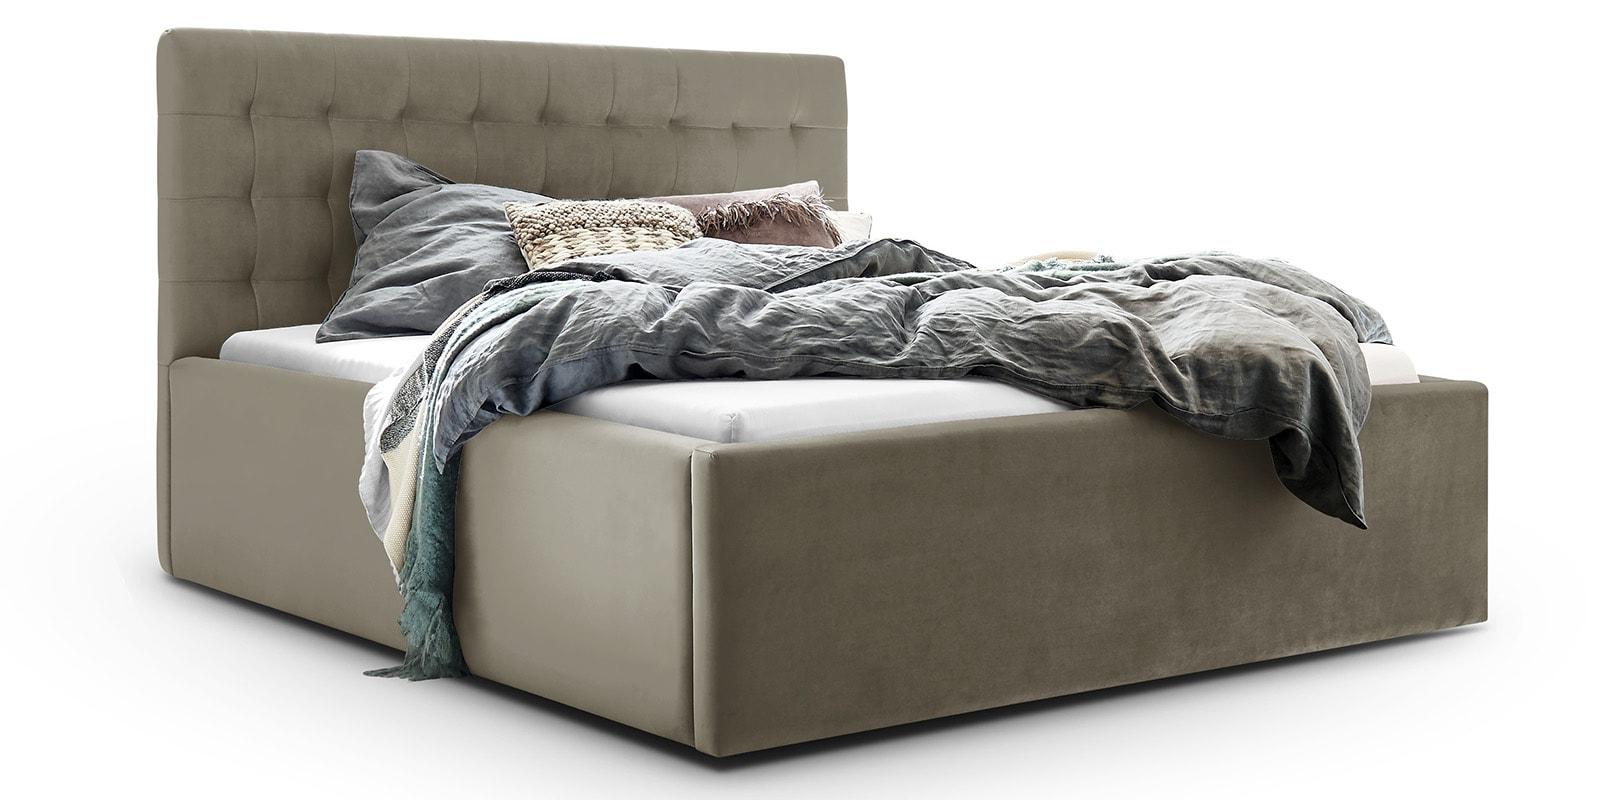 Moebella24 - Bett - mit - Bettkasten - Molly - Samt - Taupe - Stauraum - Bettkasten - und - Lattenrost - vormontiert - verstärkte - Dämpfer - Detailaufnahme - Von - vorne - links